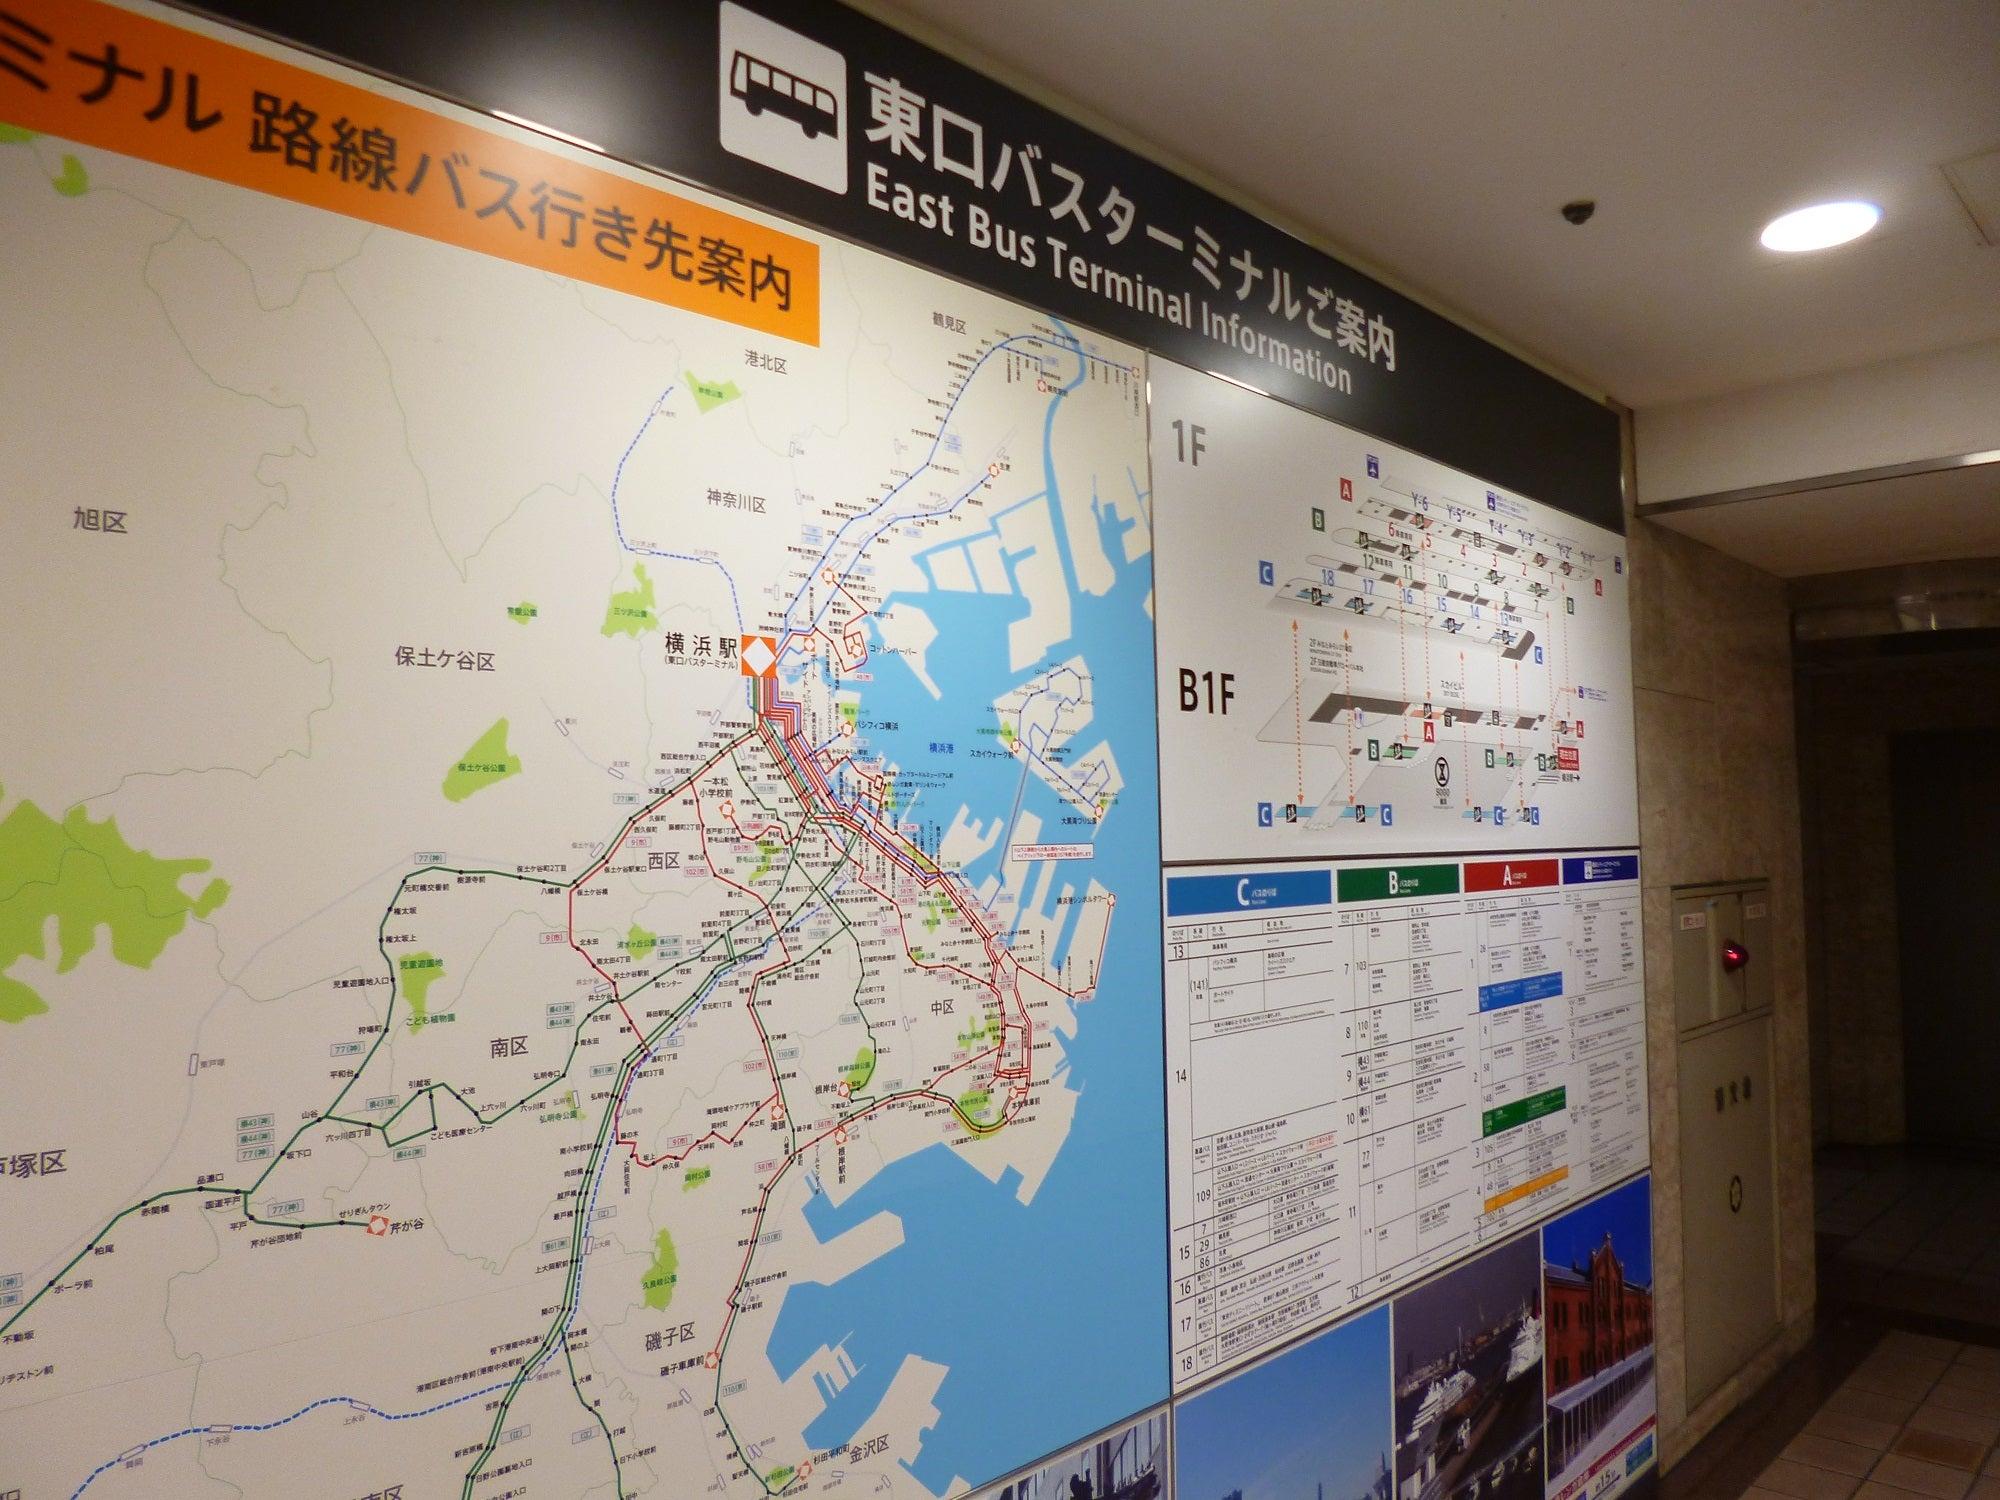 オリジナル 小淵沢 駅 から 甲府 駅 - 最大1000以上の畫像食品